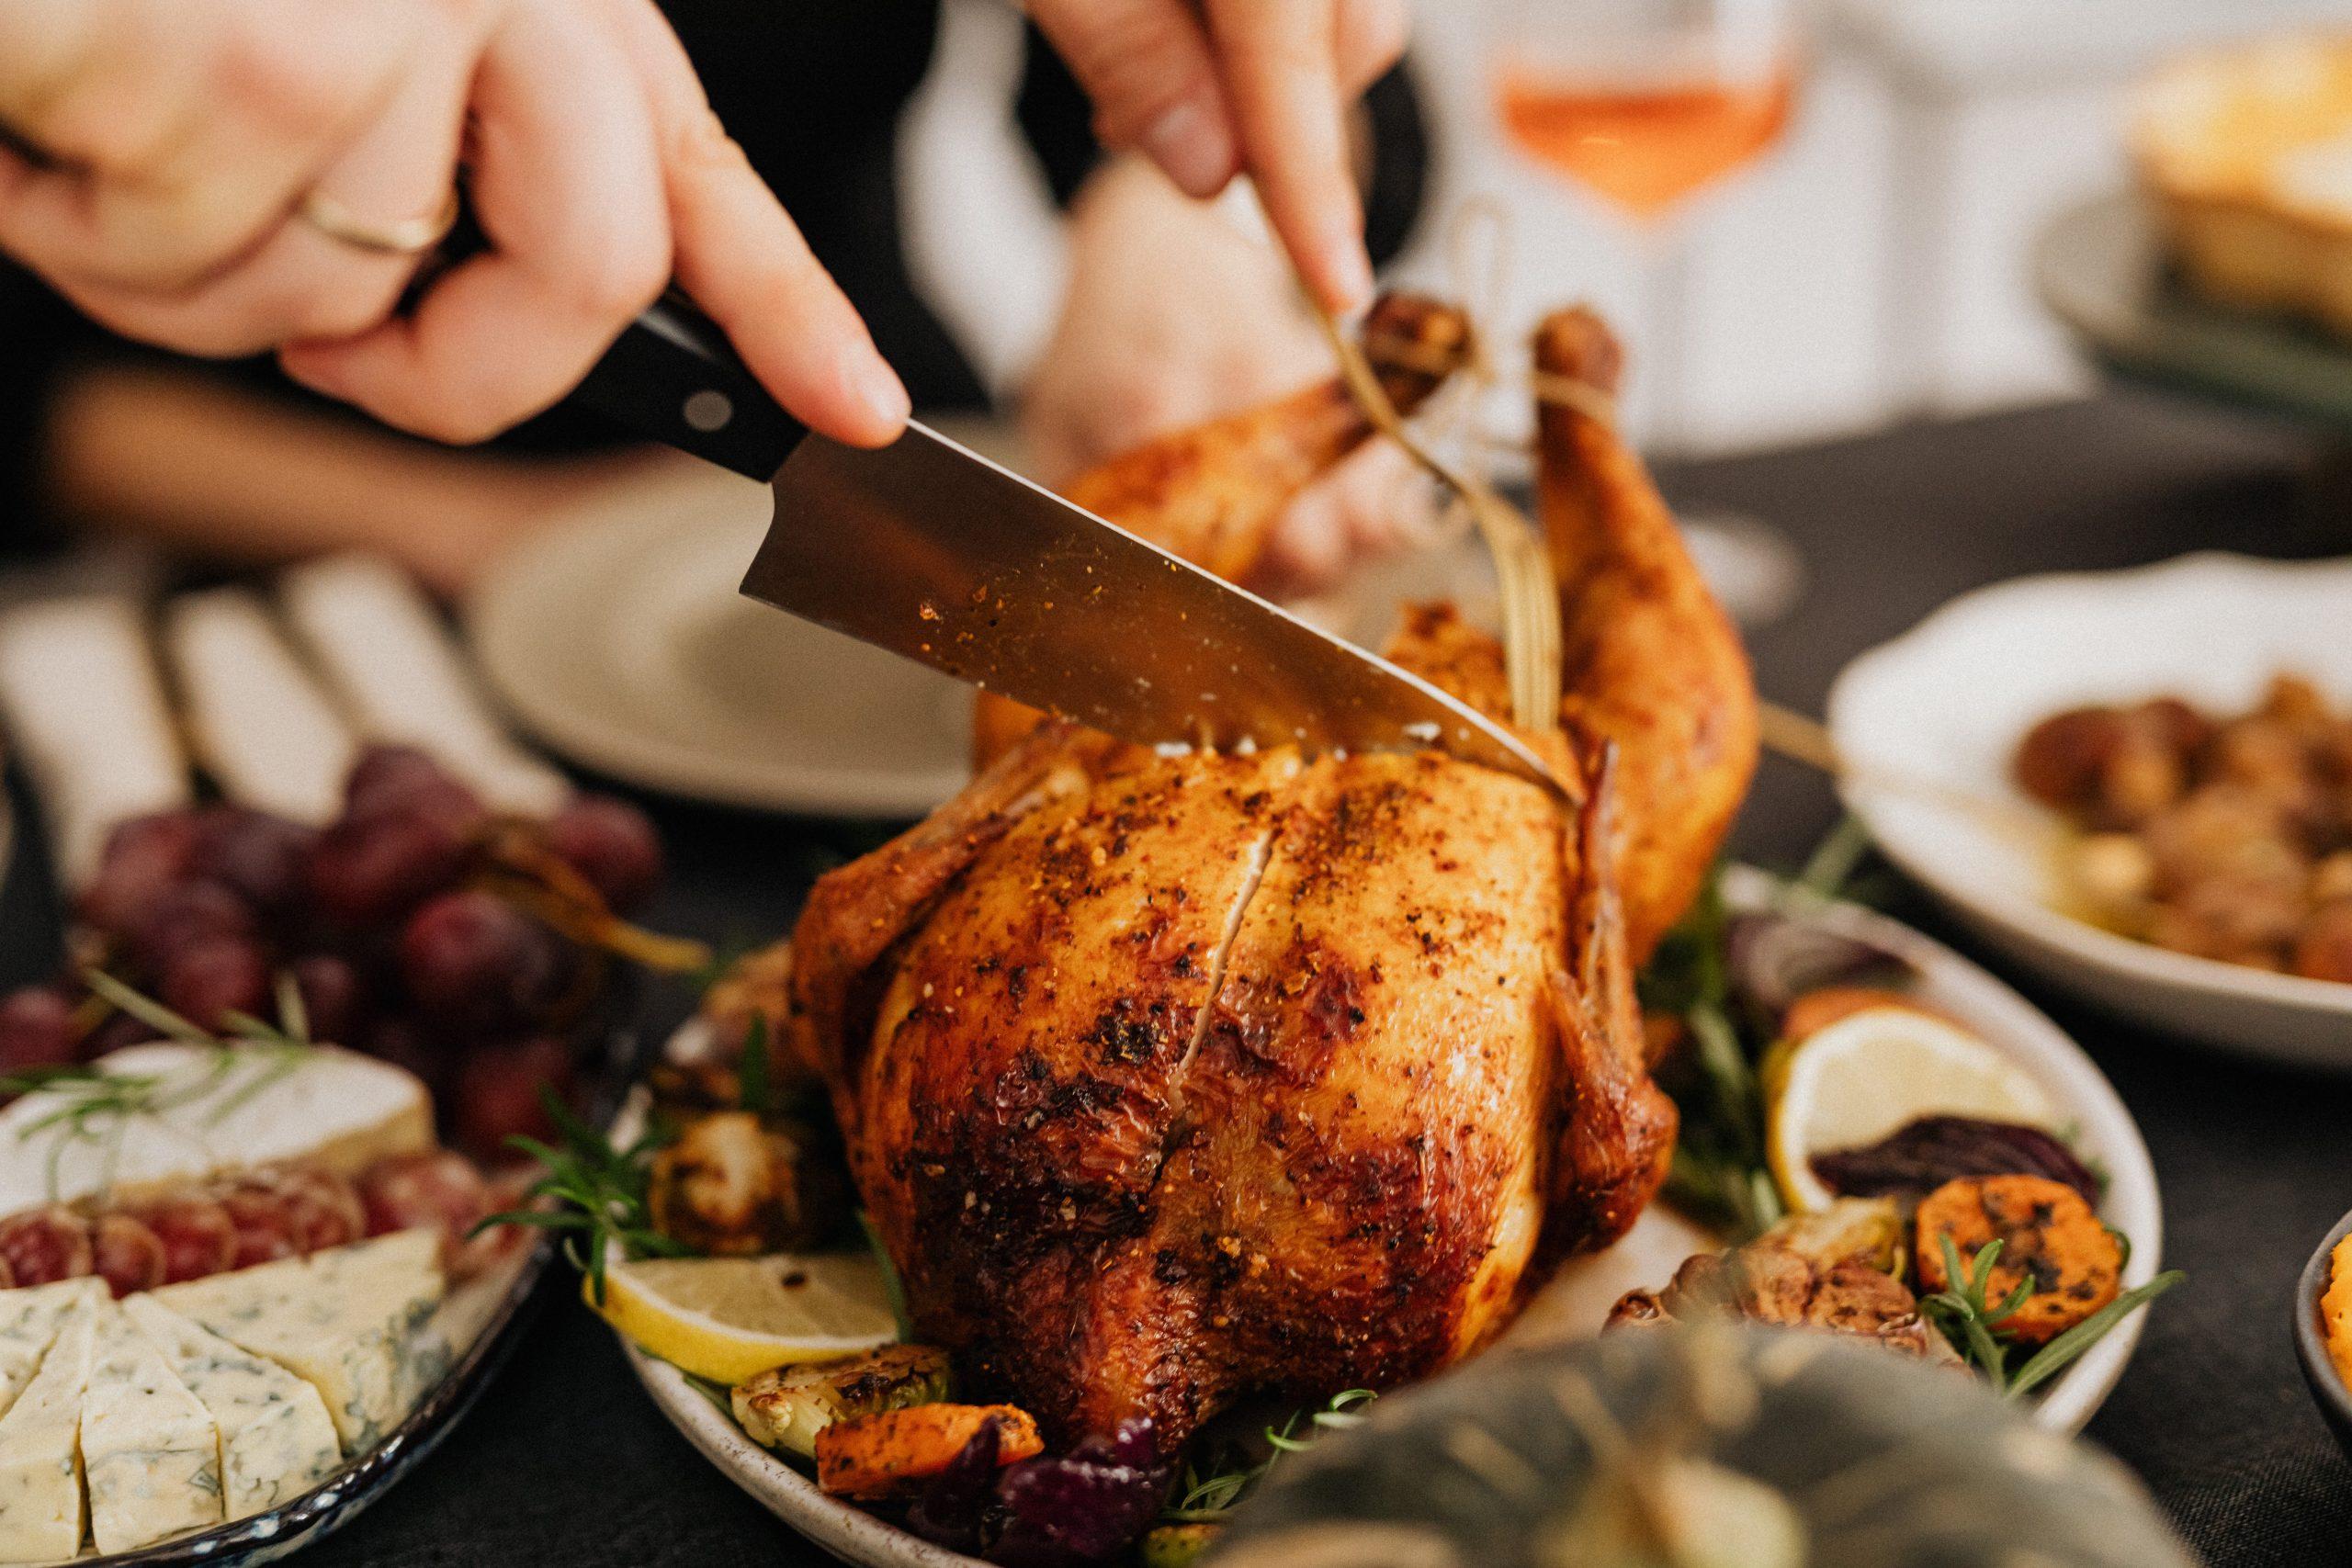 Imagem mostra mão cortando frango assado.